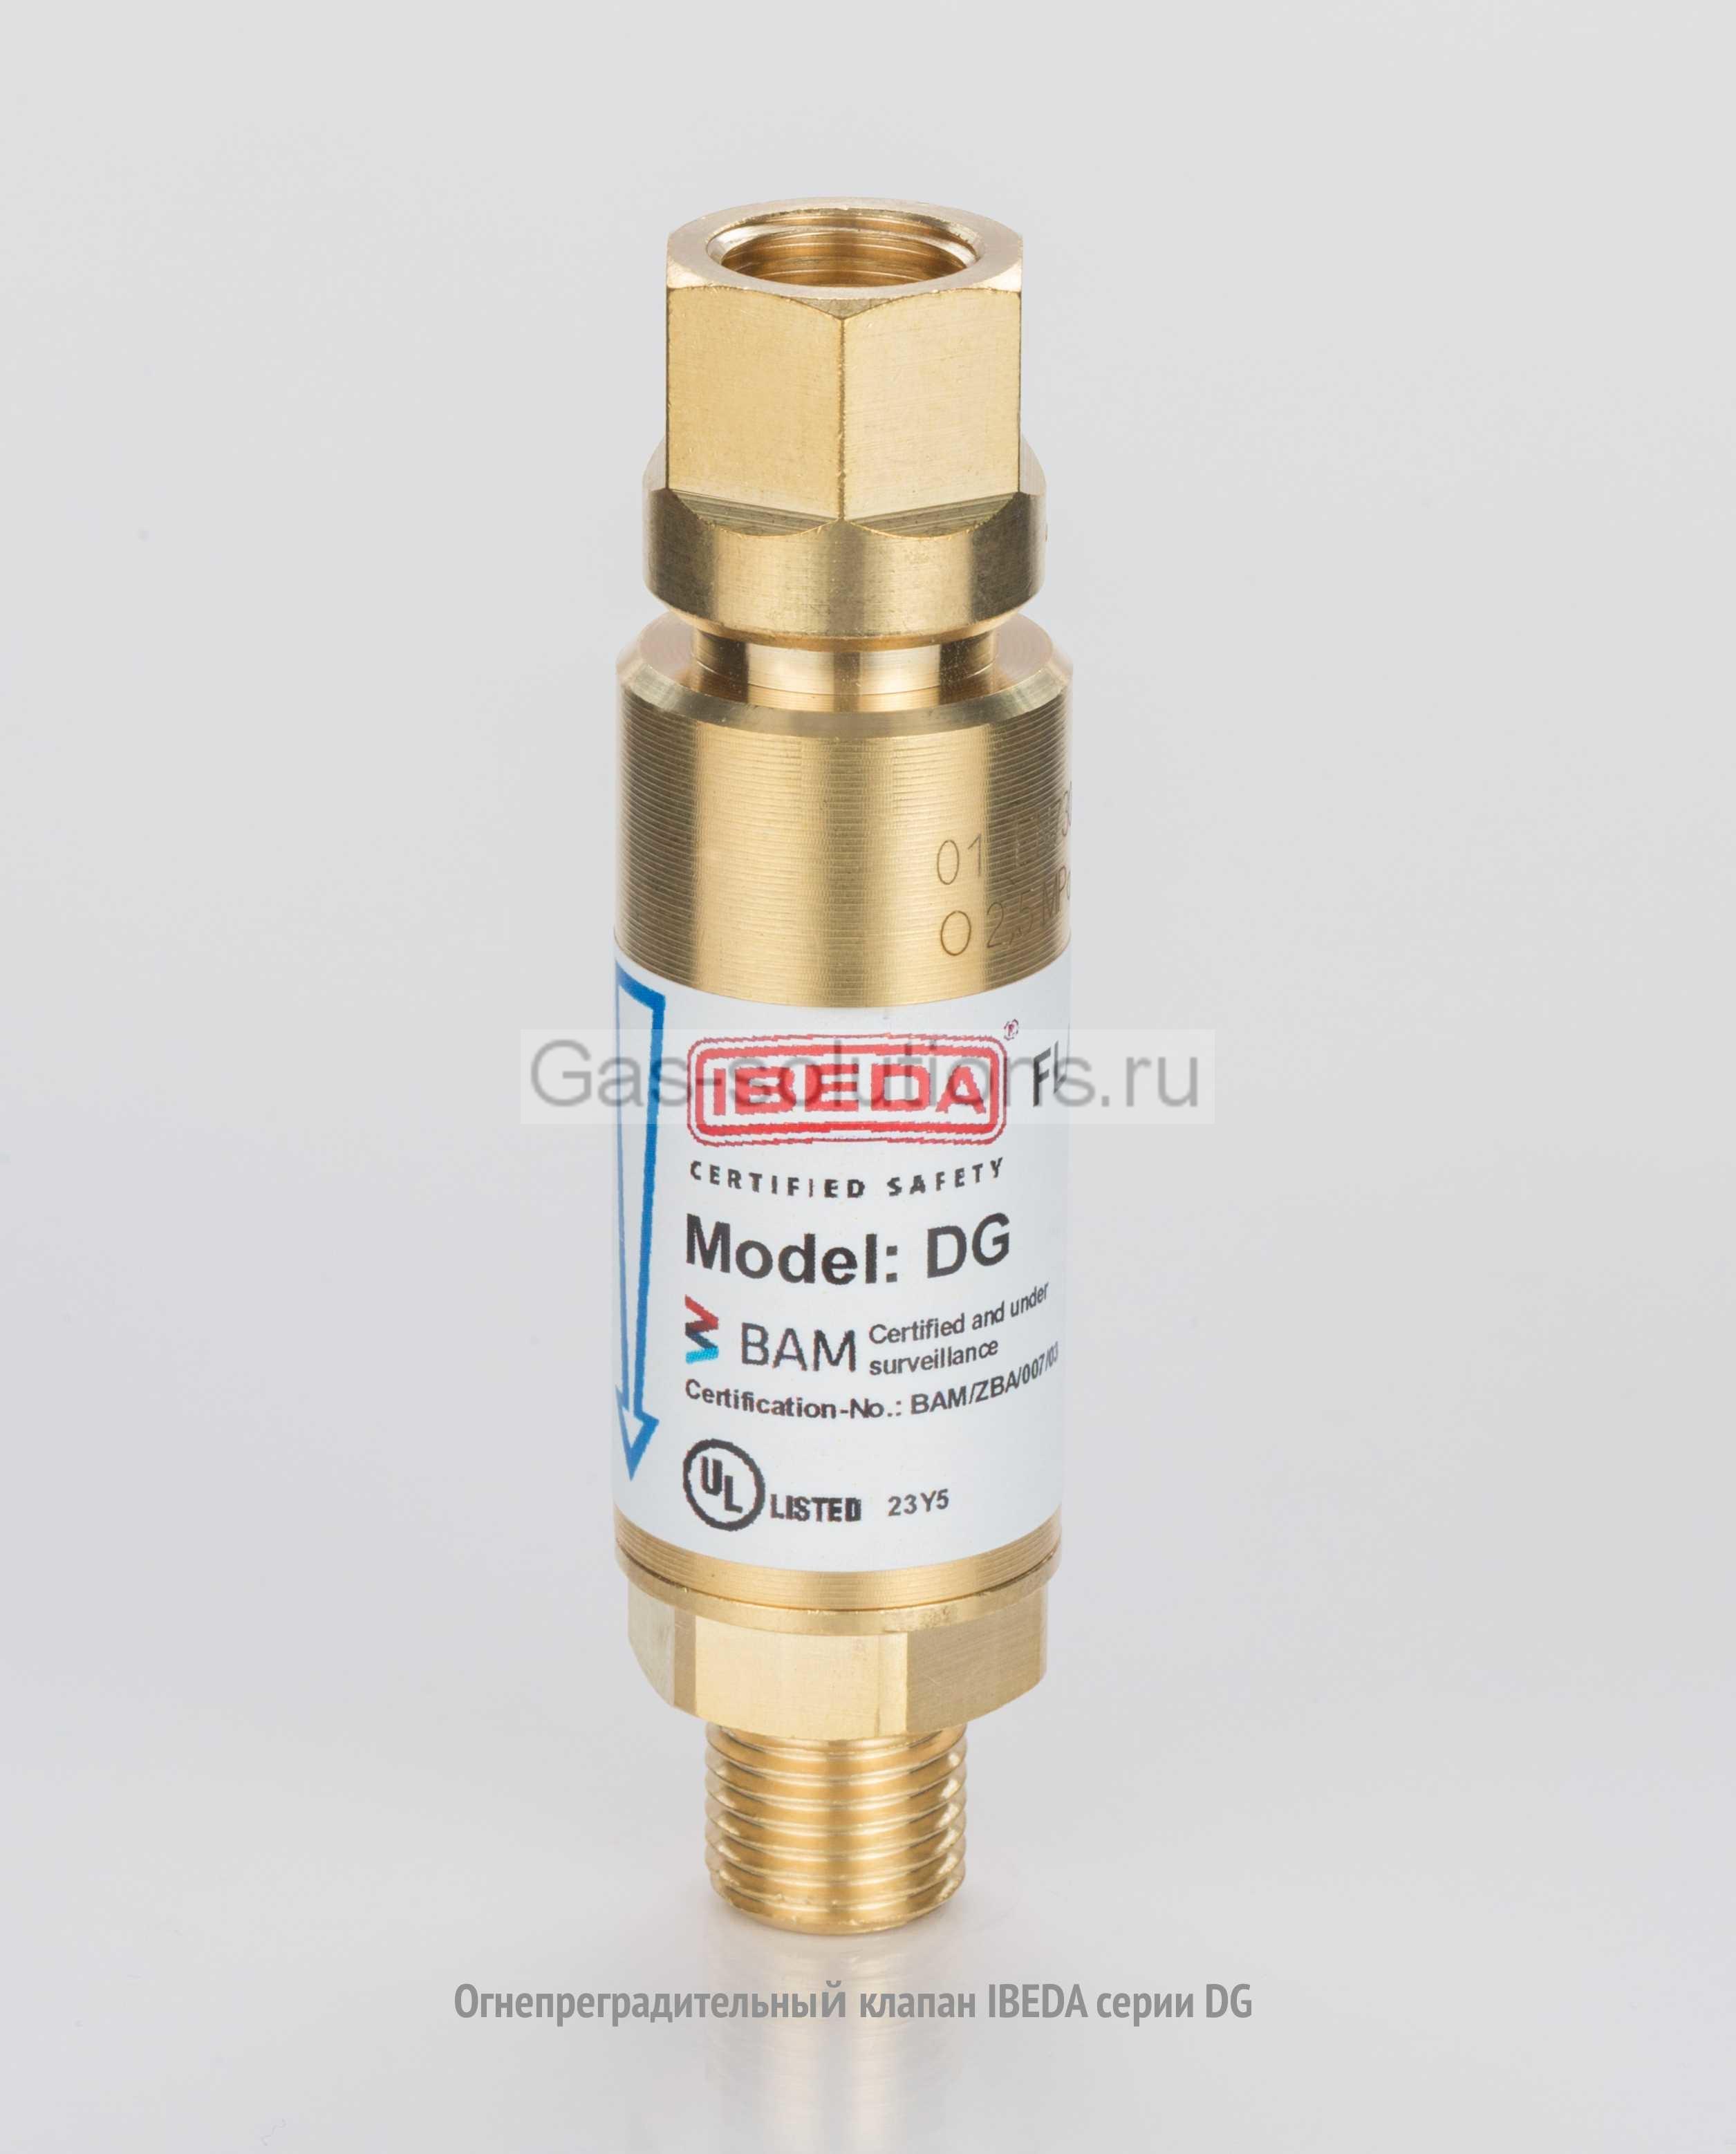 Огнепреградительный клапан IBEDA серии DG